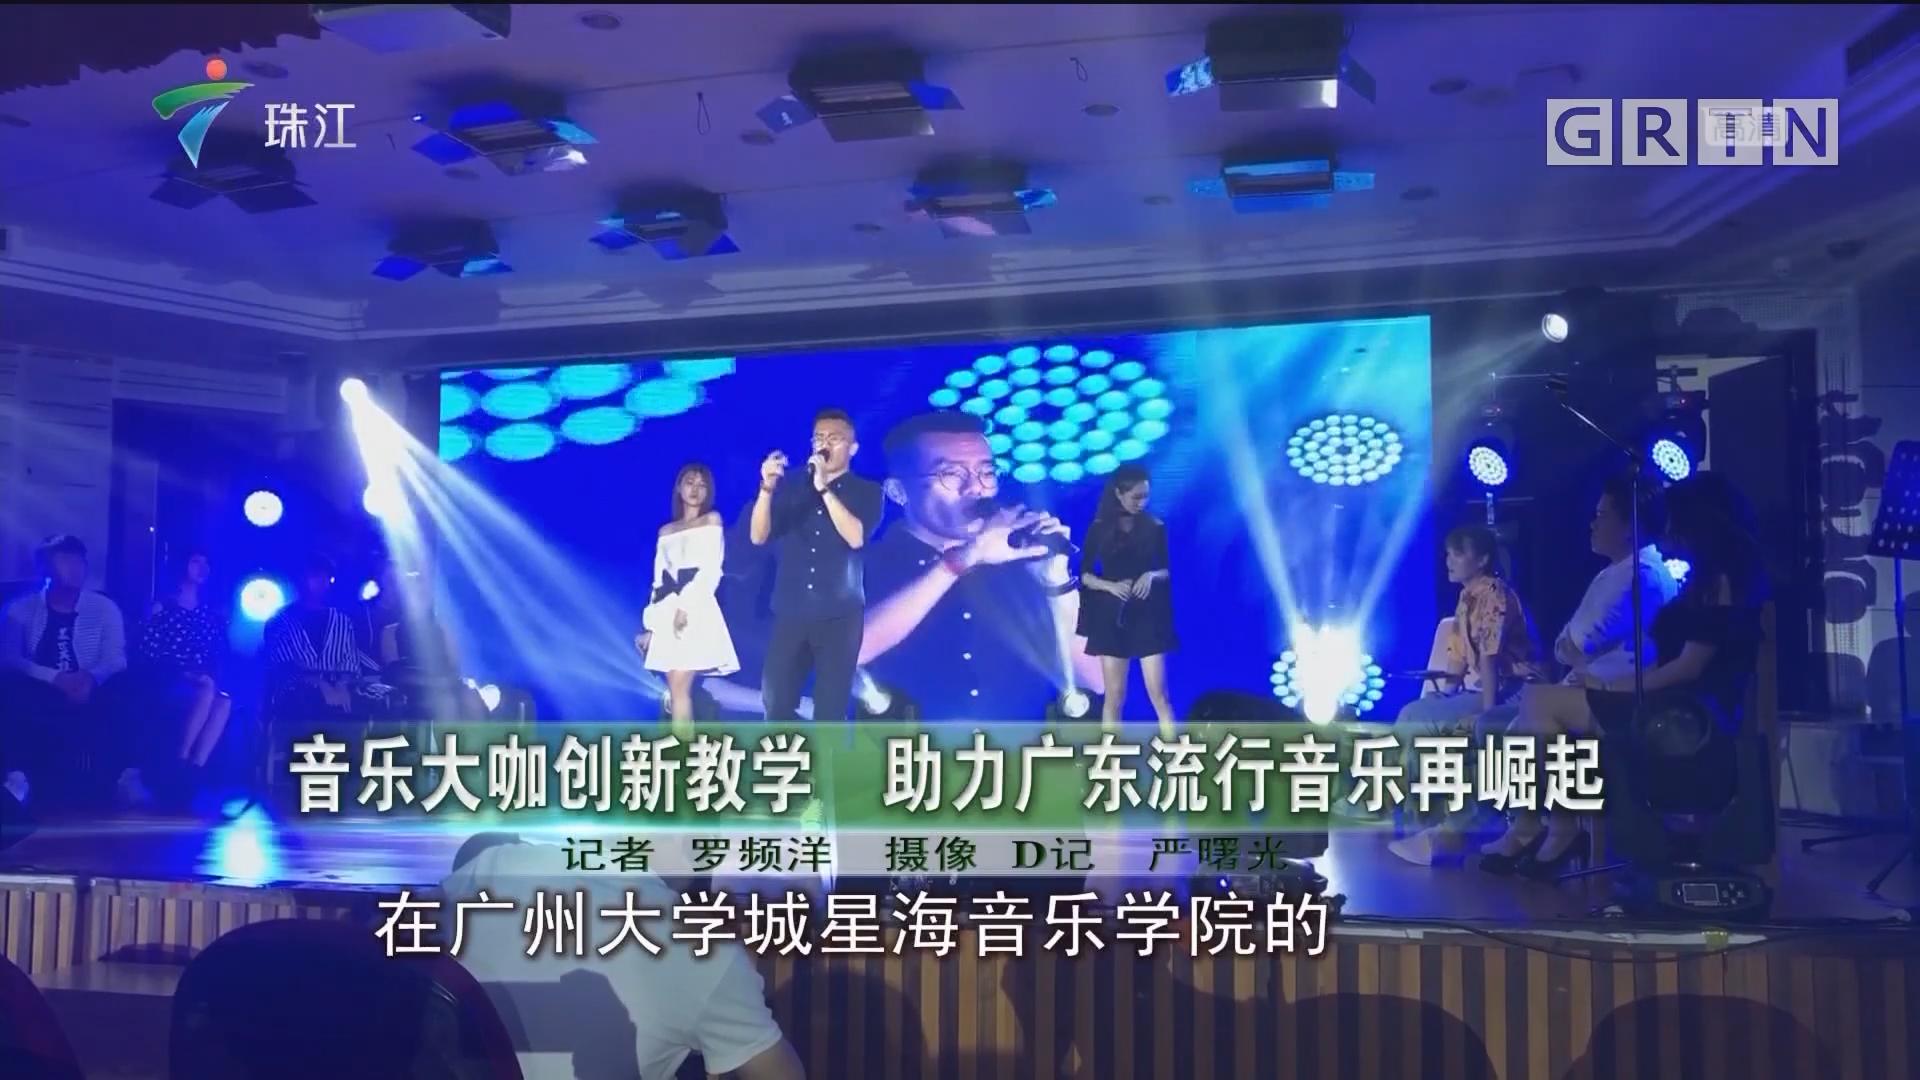 音乐大咖创新教学 助力广东流行音乐再崛起